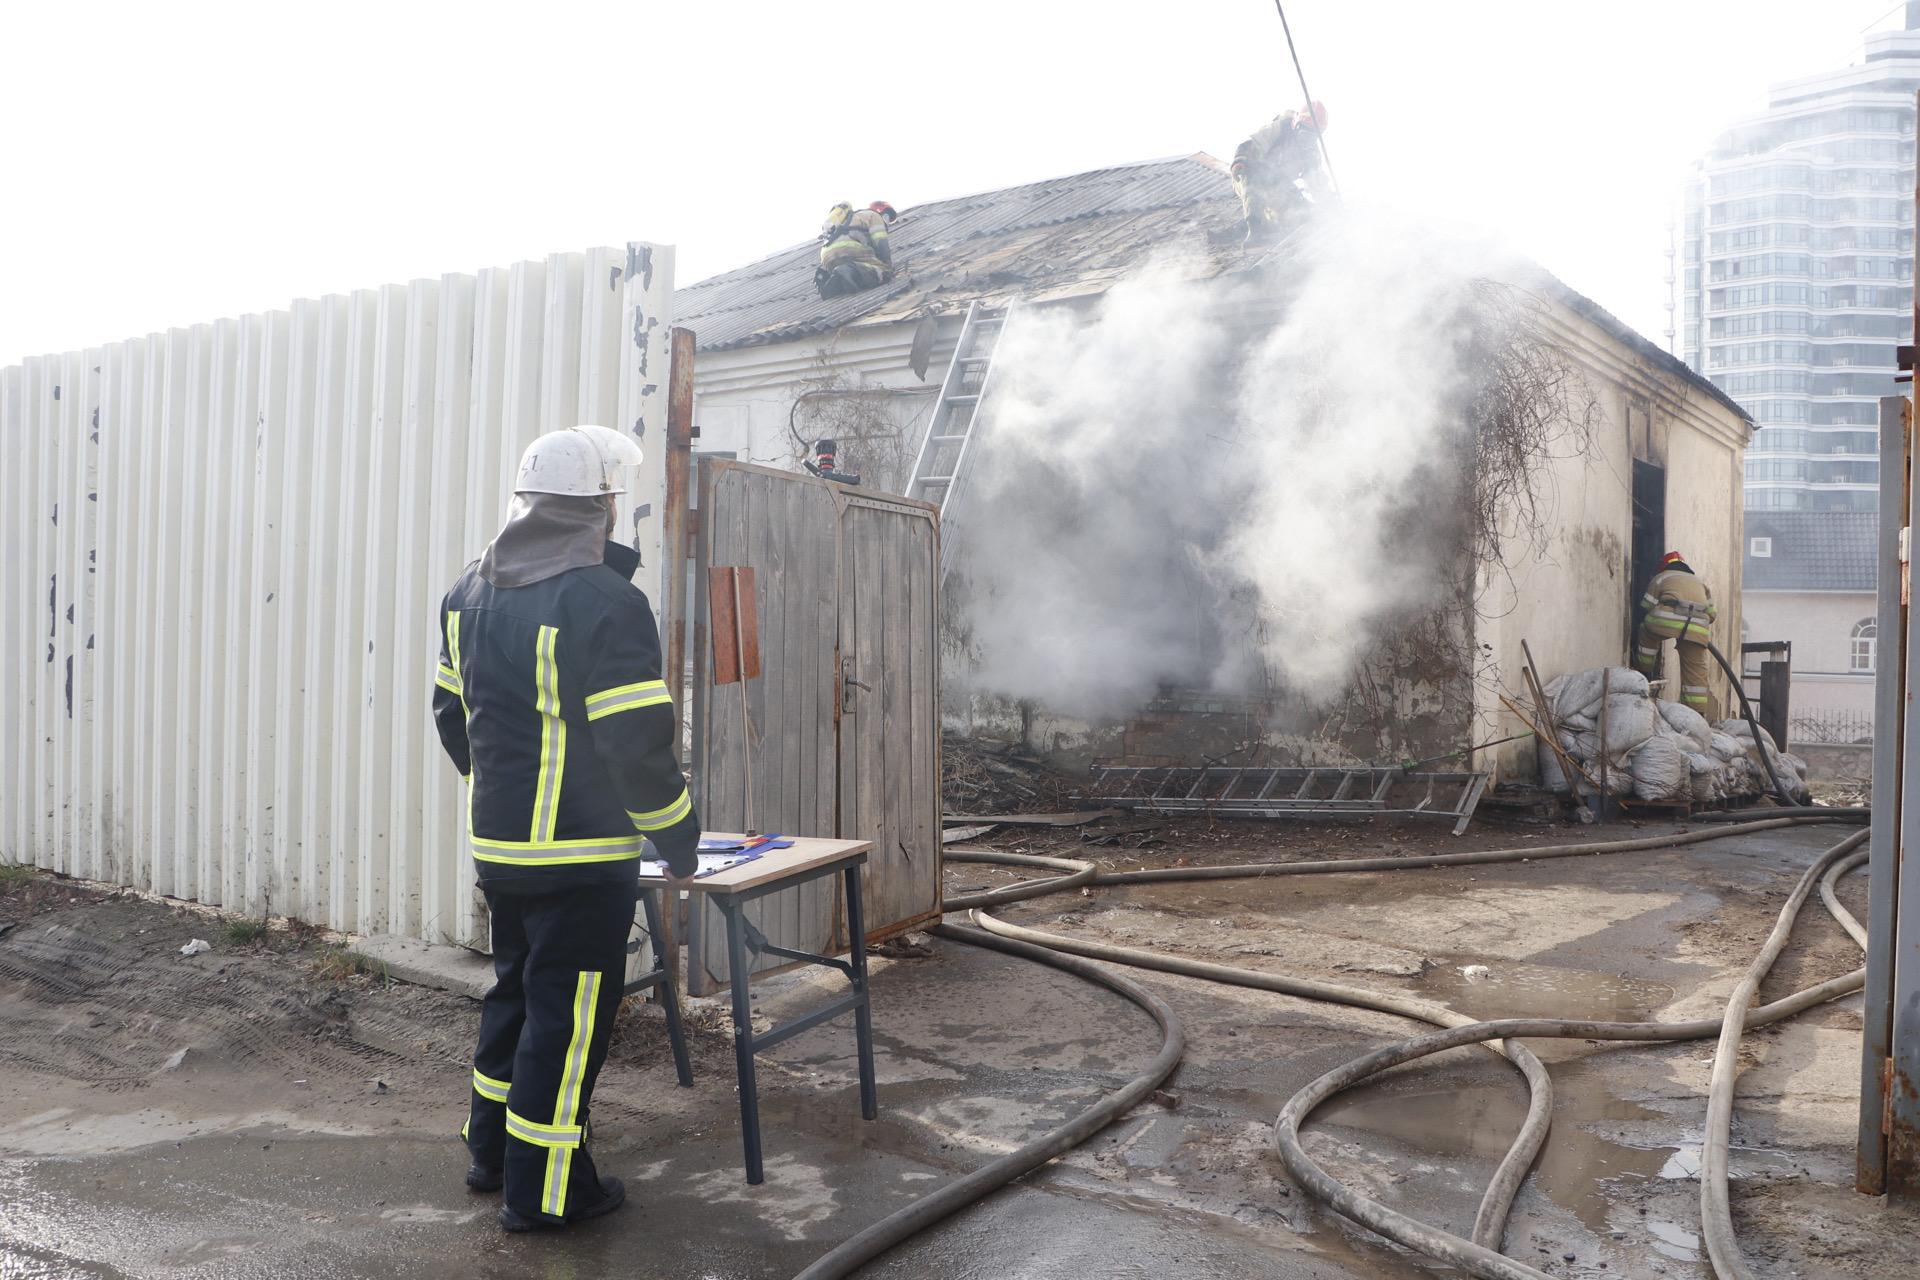 К тушению пожара привлекли 23 сотрудника ГСЧС и 5 единиц пожарно-спасательной техники